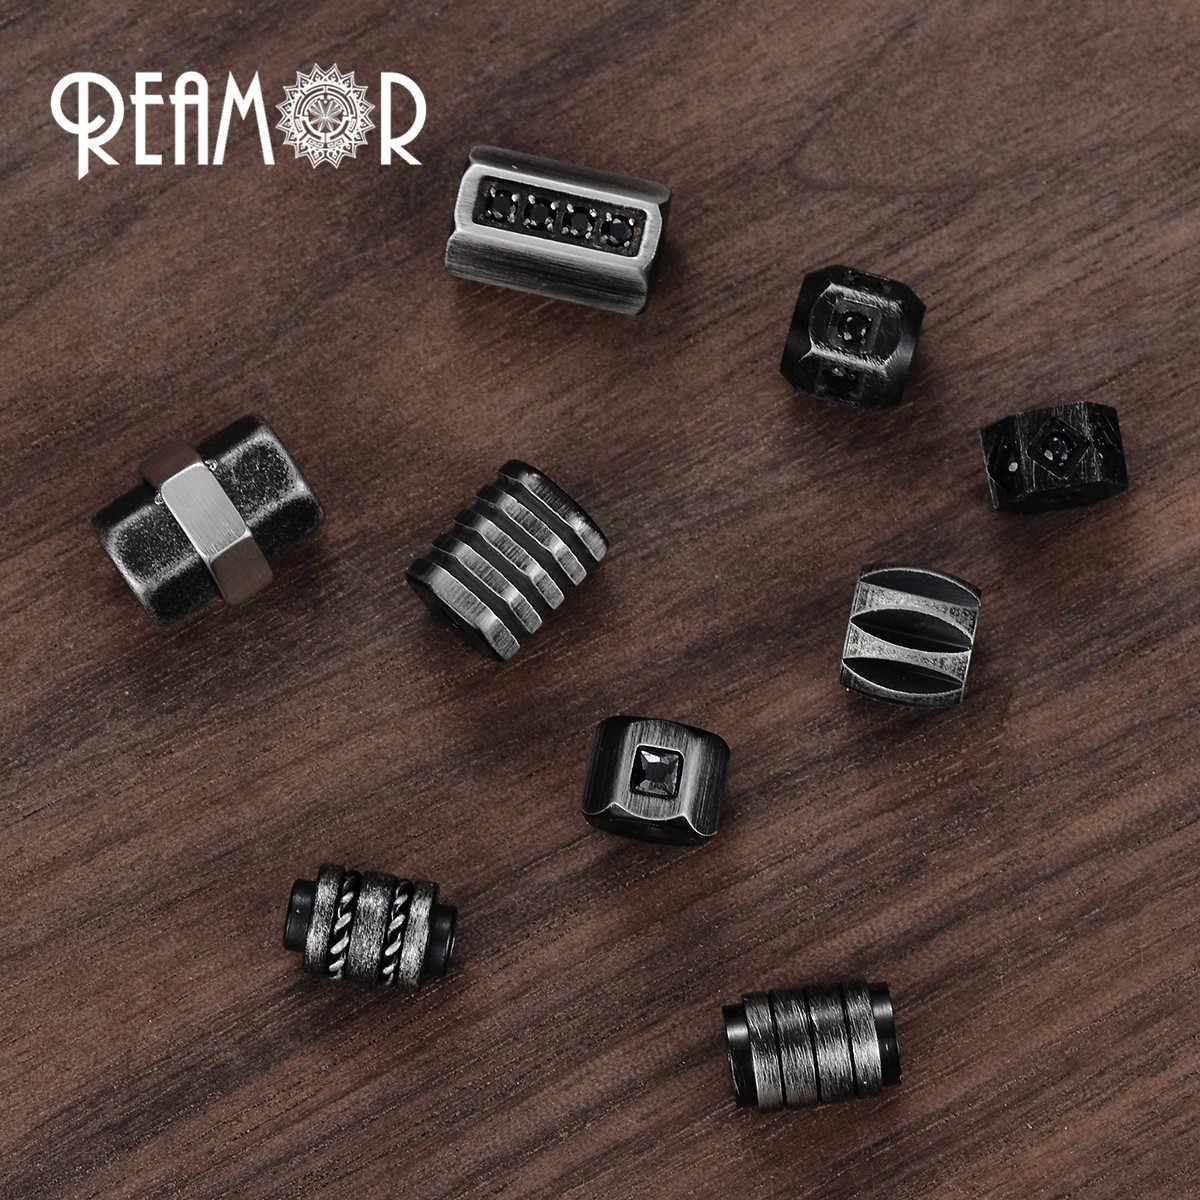 REAMOR 산업 스타일 남자 팔찌 분리형 걸쇠와 스테인레스 스틸 CNC 블랙 커넥터 팔찌 멋진 소년 선물 쥬얼리